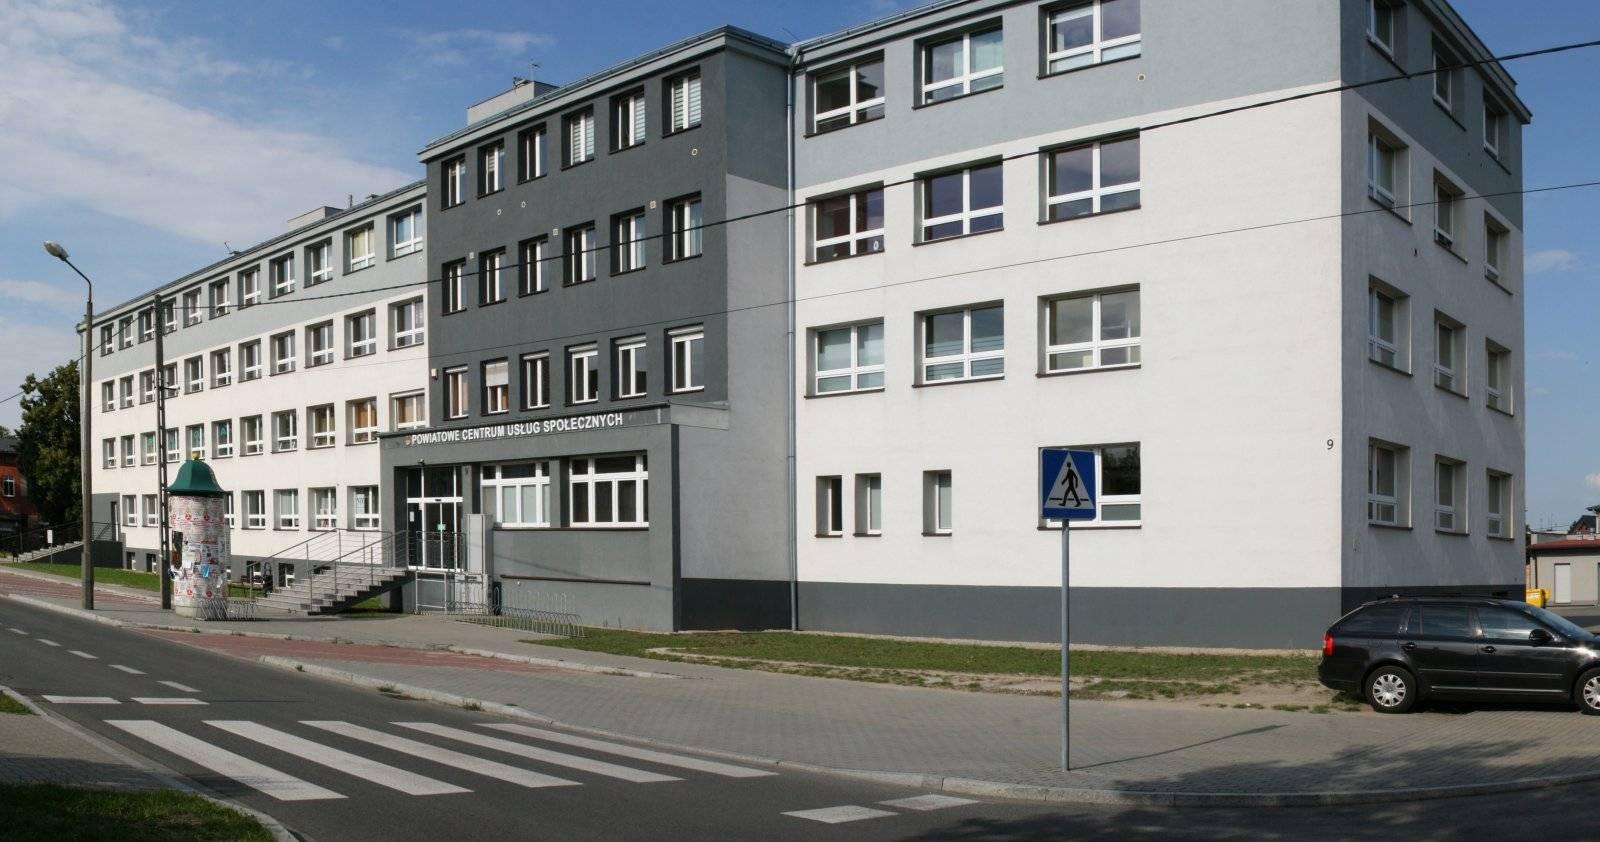 Powiatowe Centrum Usług Społecznych